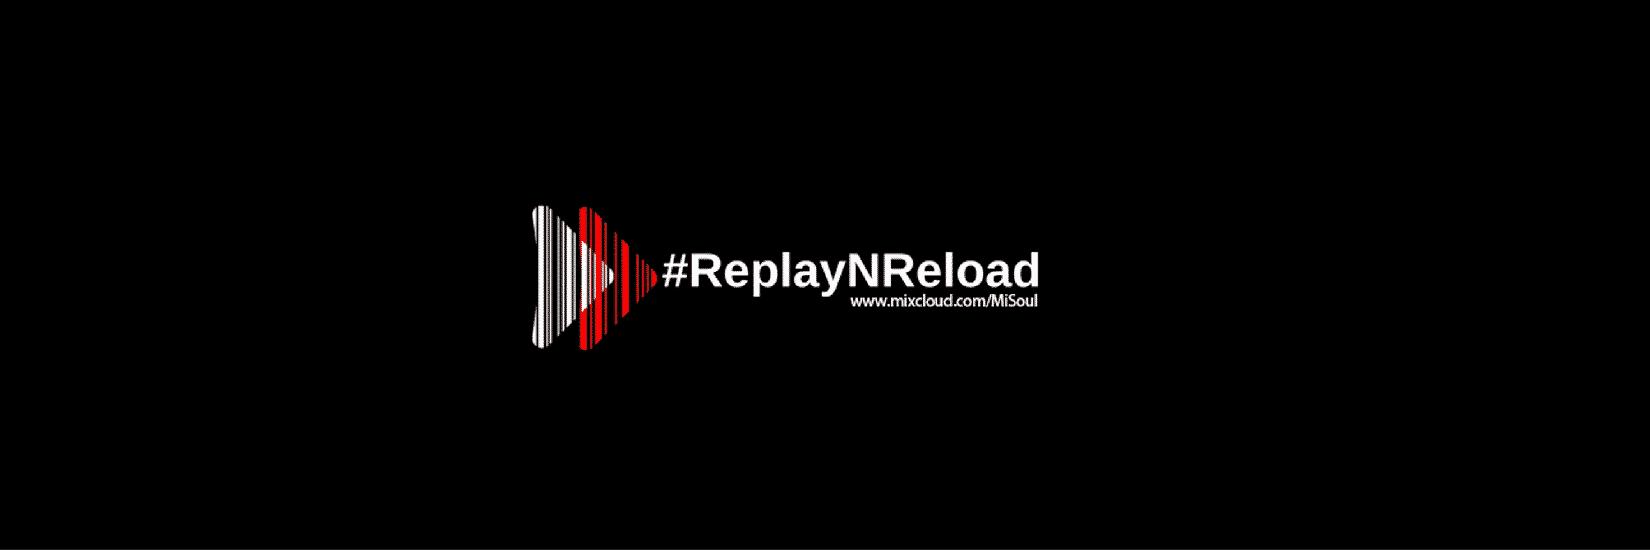 ReplayNReload